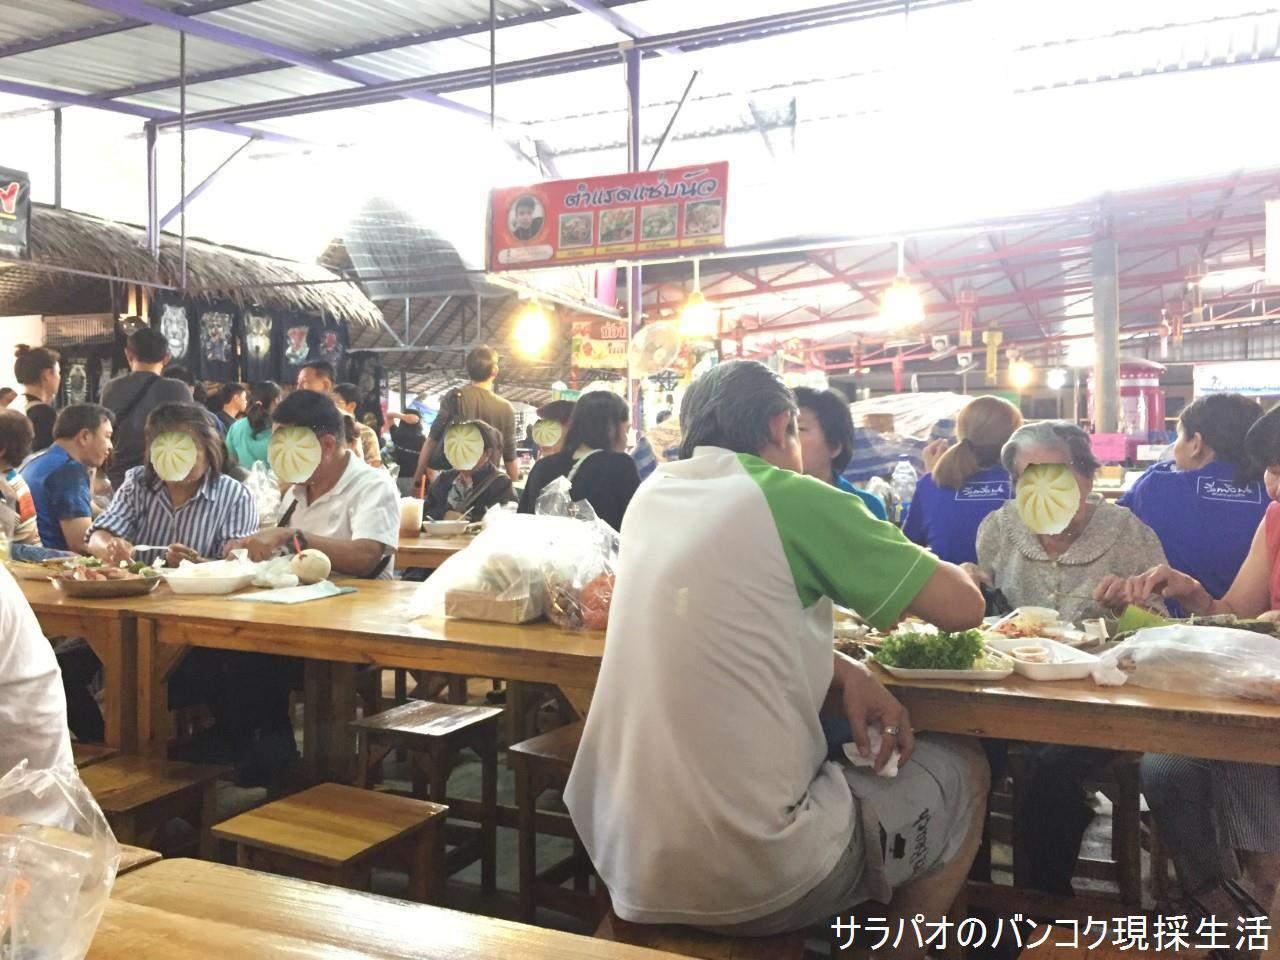 KhlongLatMaYomFloatingMarket_21.jpg